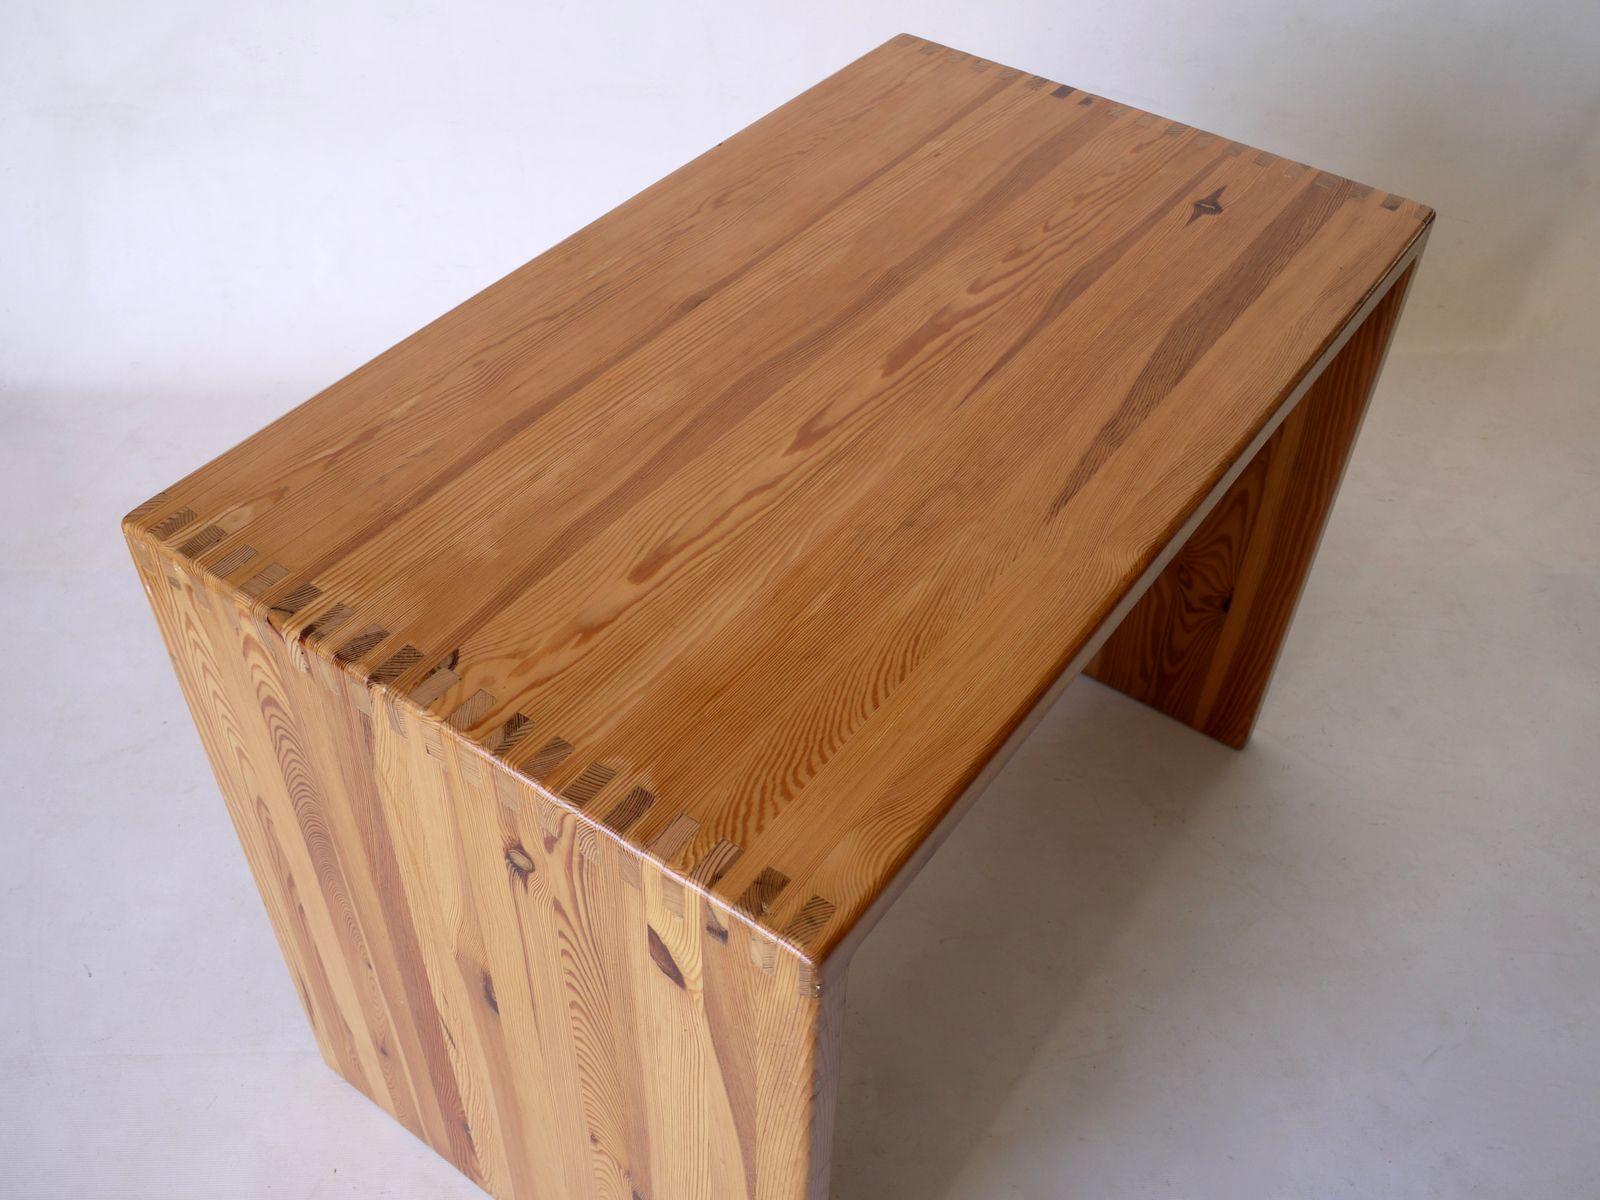 Kleiner skandinavischer kiefernholz schreibtisch 1970er bei pamono kaufen - Schreibtisch kiefernholz ...